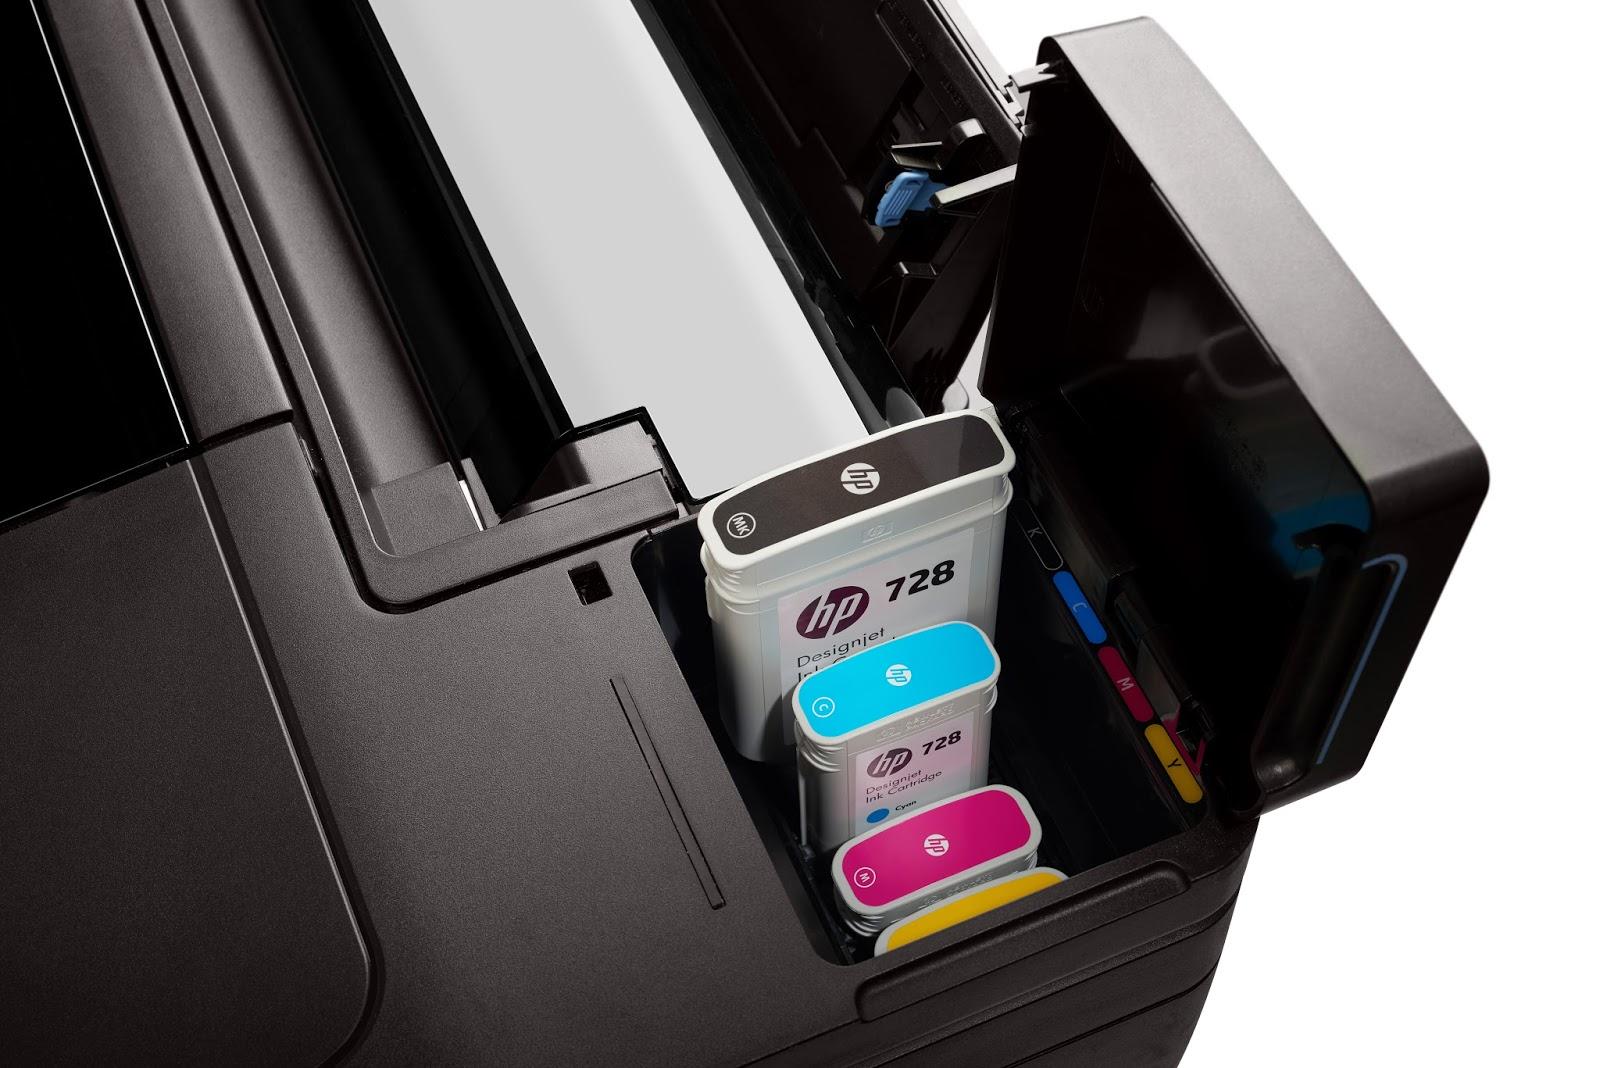 Cartuchos de Tinta da plotter HP Designjet T730formato A0